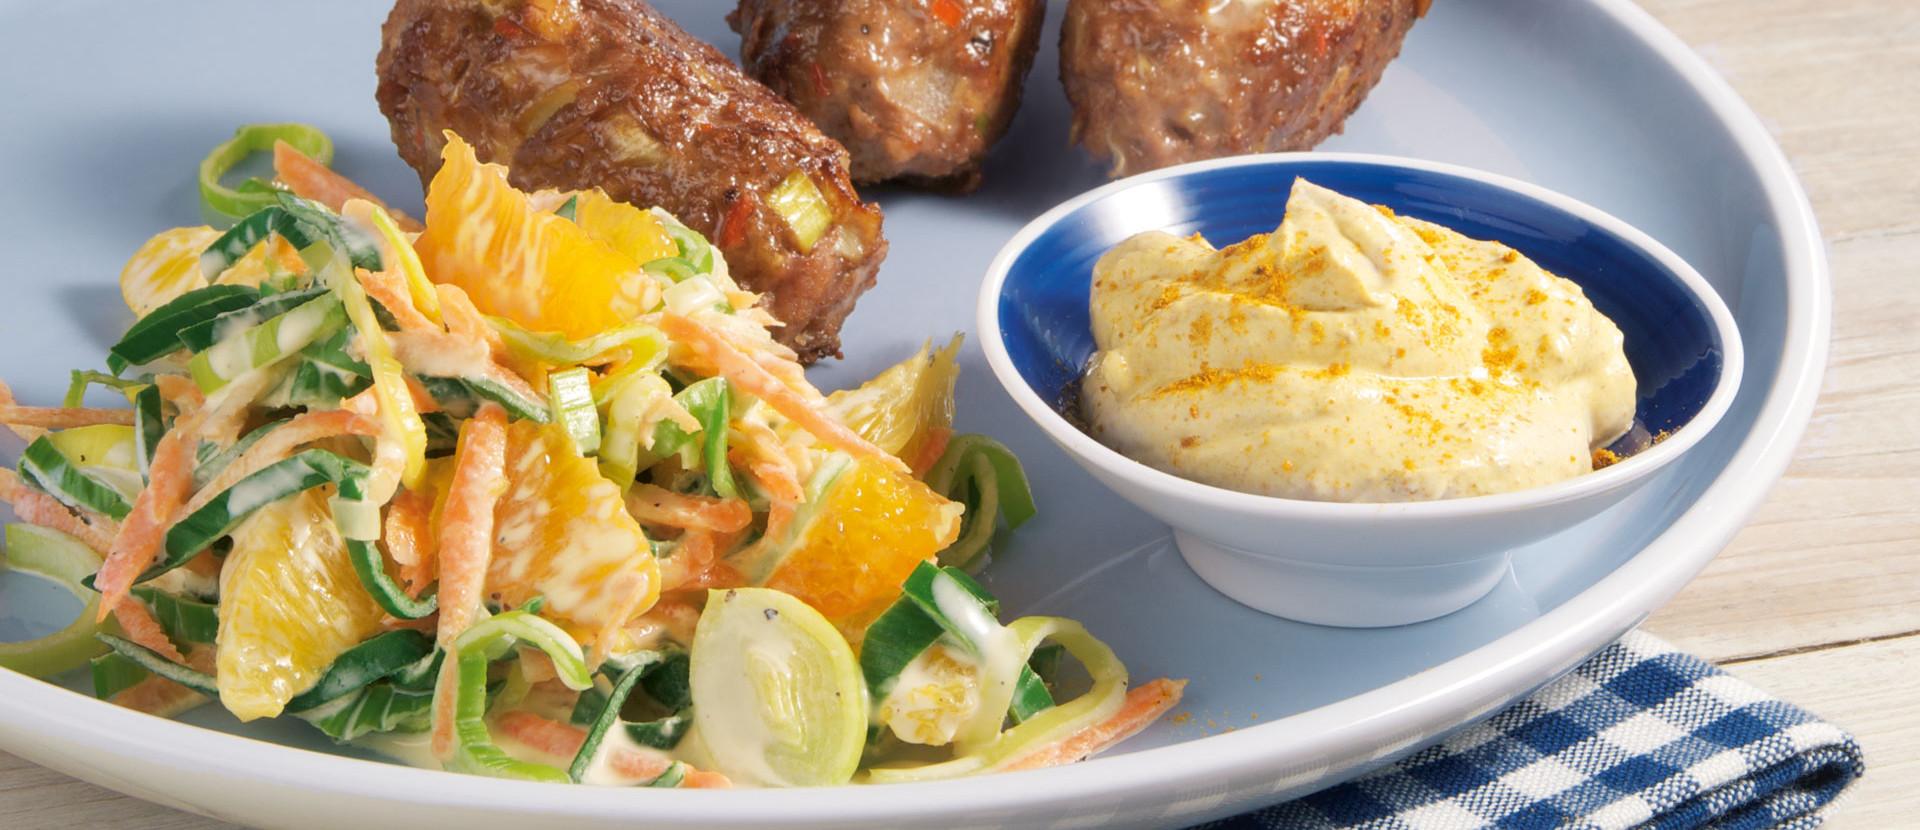 Orangen Lauchsalat mit Hackroellchen und Curry Dip